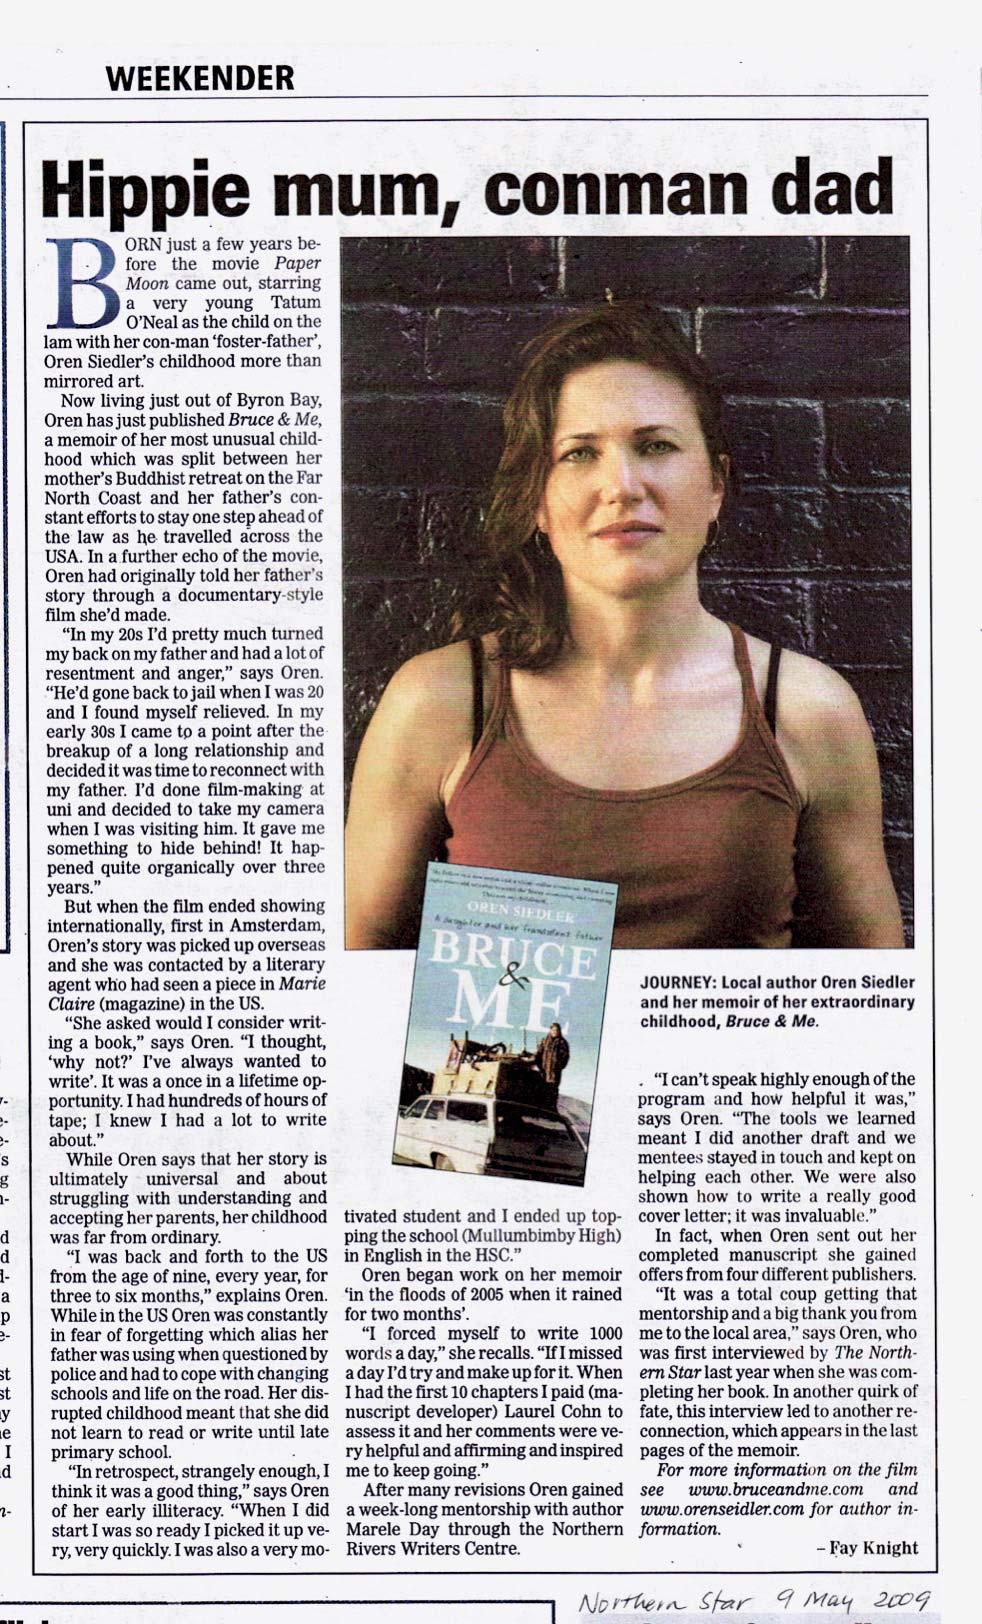 Northern Star Weekender page 1